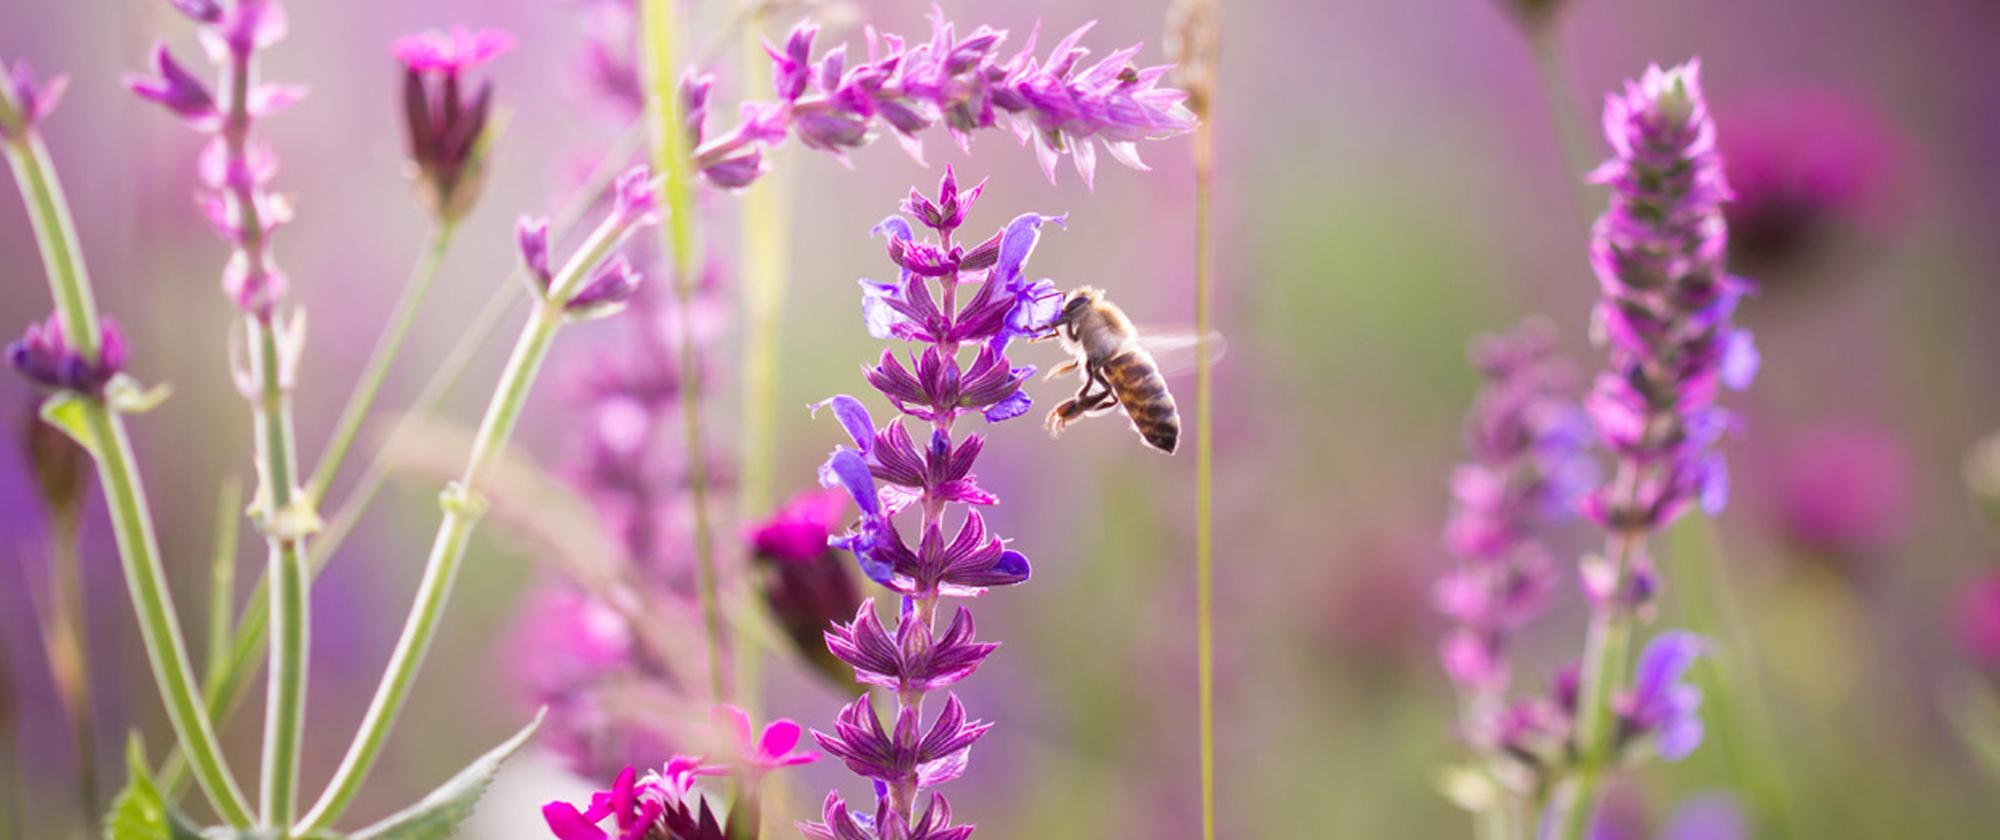 Aan de slag voor bijen - tips voor lokale besturen